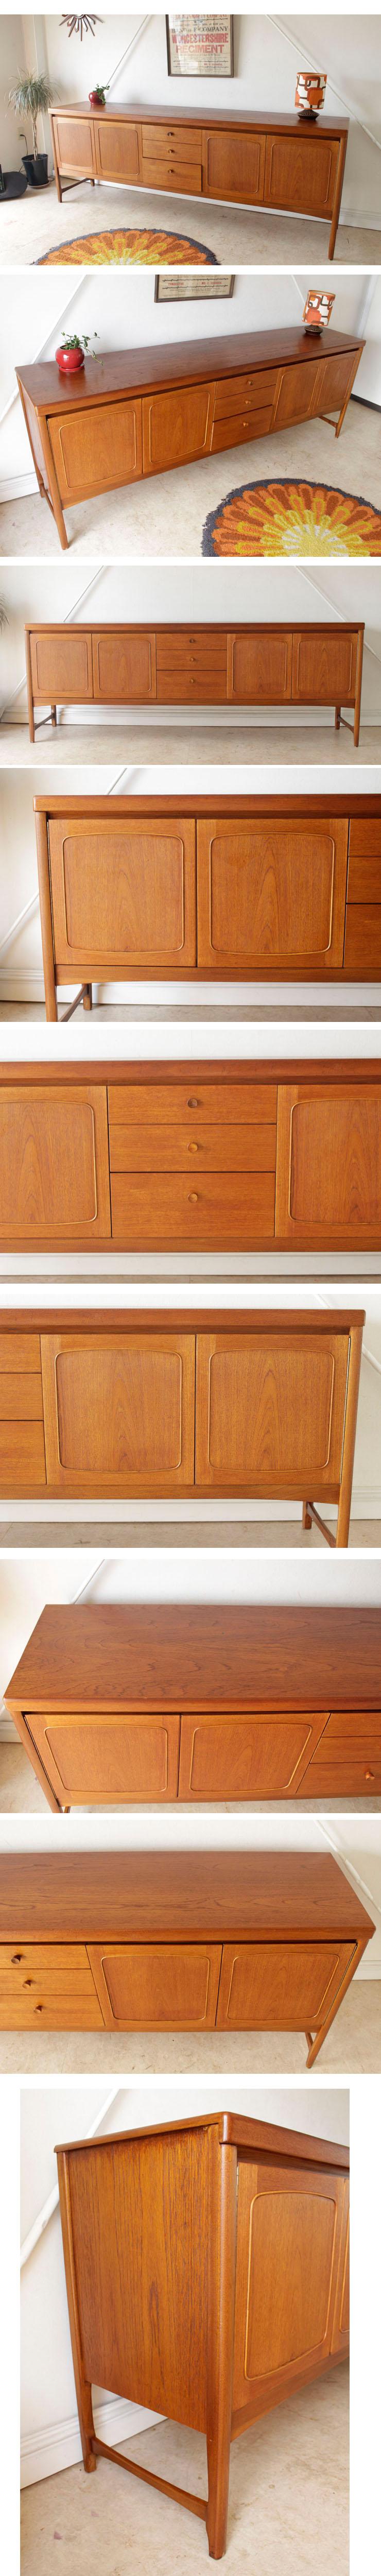 ネイサン・NATHAN・サイドボード・テレビボード・収納・ビンテージ・チーク・アンティーク・ミッドセンチュリー・北欧デザイン・家具